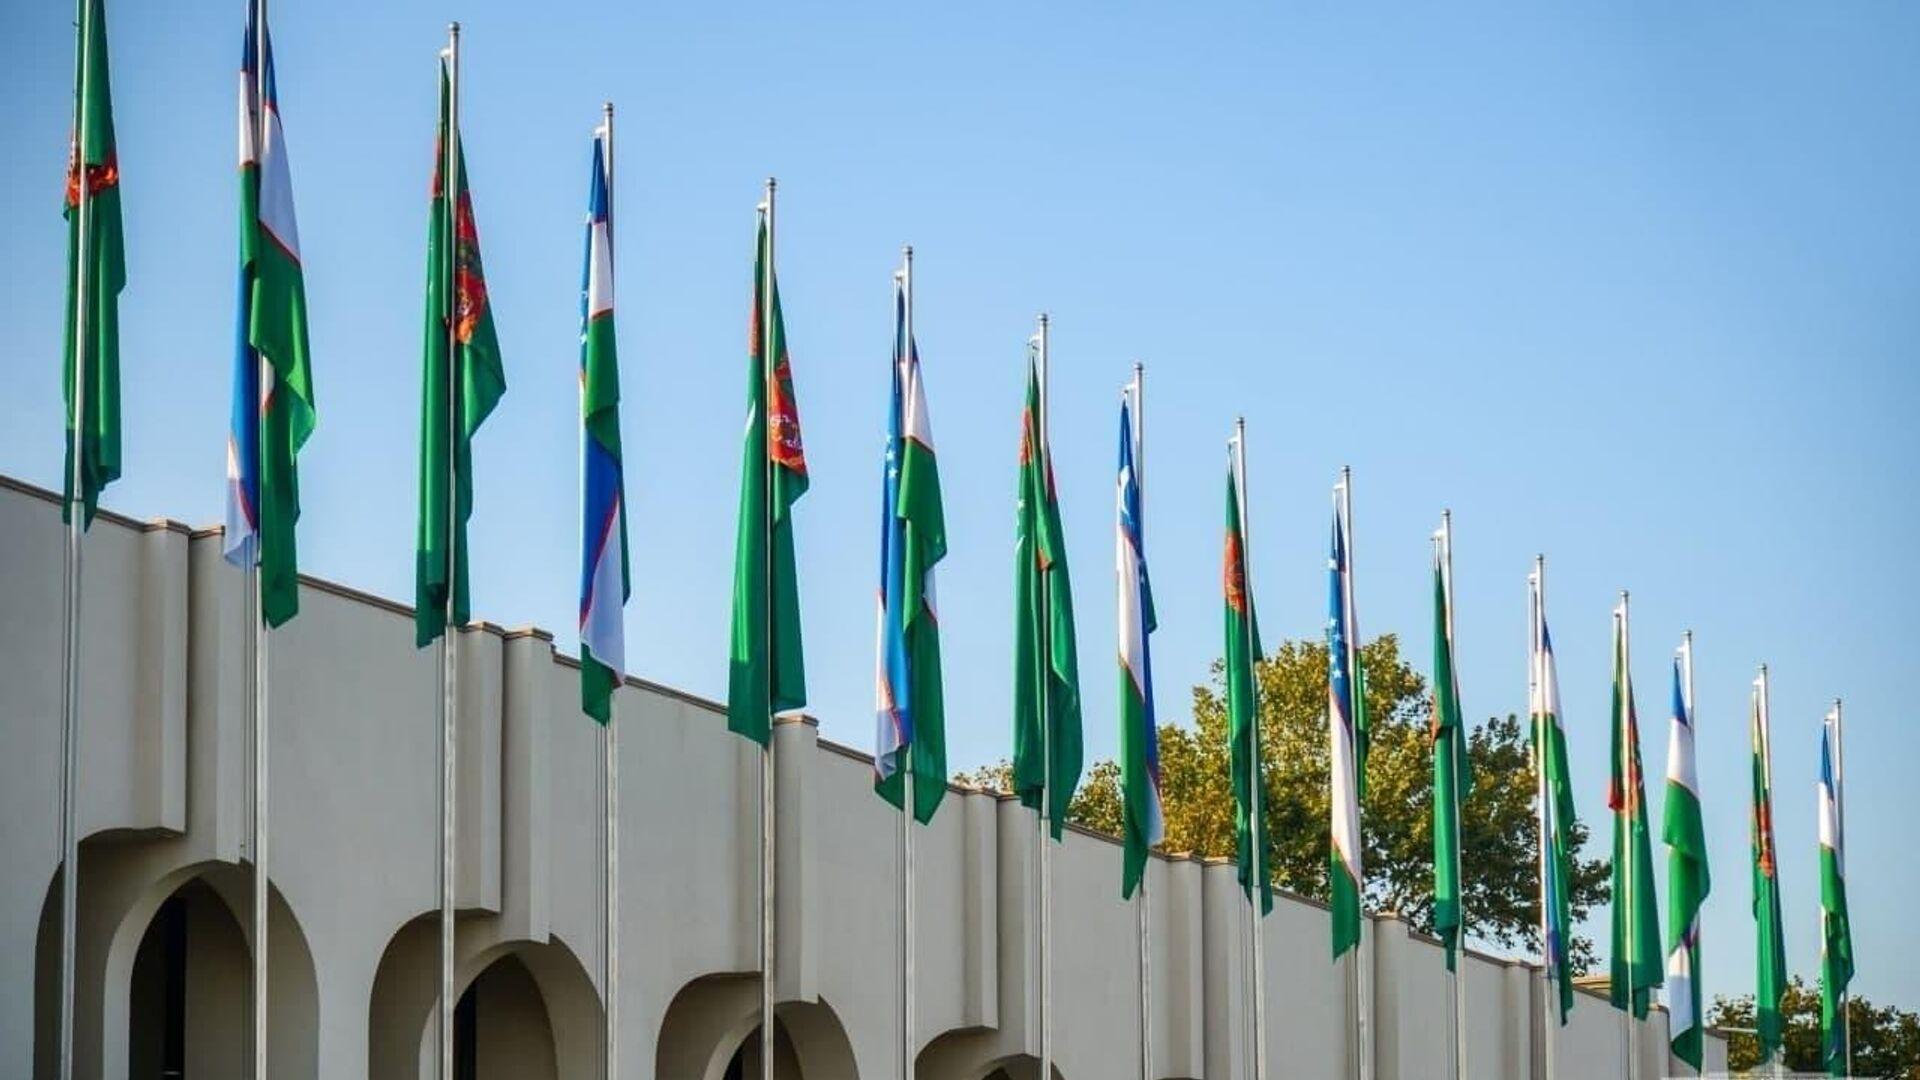 Флаги Узбекистана ва Туркменистана - Sputnik Ўзбекистон, 1920, 05.10.2021